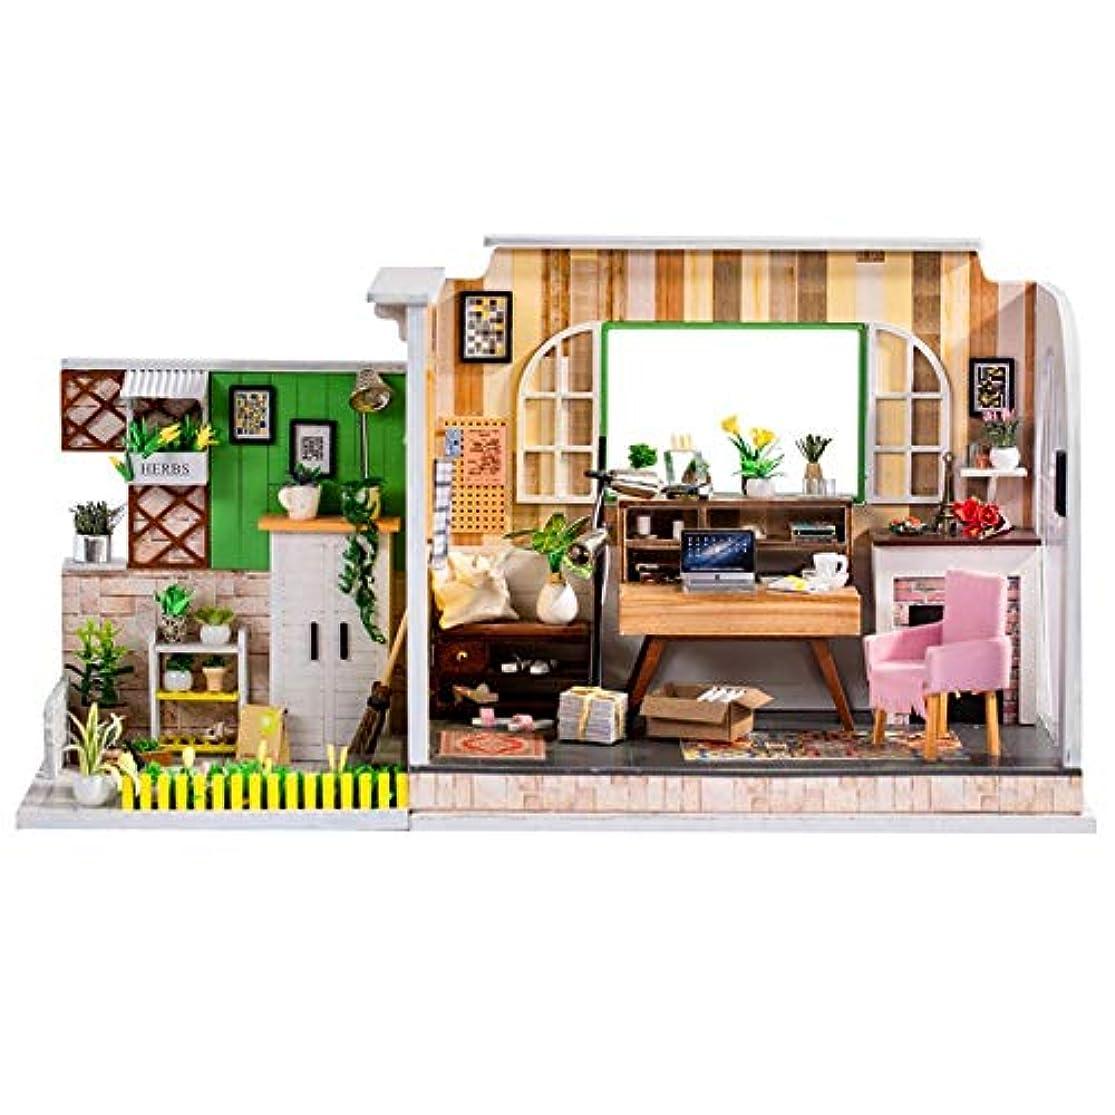 ライム提供されたやさしくアリスの人形屋Diy作業部屋家具子供ミニチュア木製ドールハウスモデル構築キットドールハウス玩具誕生日クリスマスギフト,215